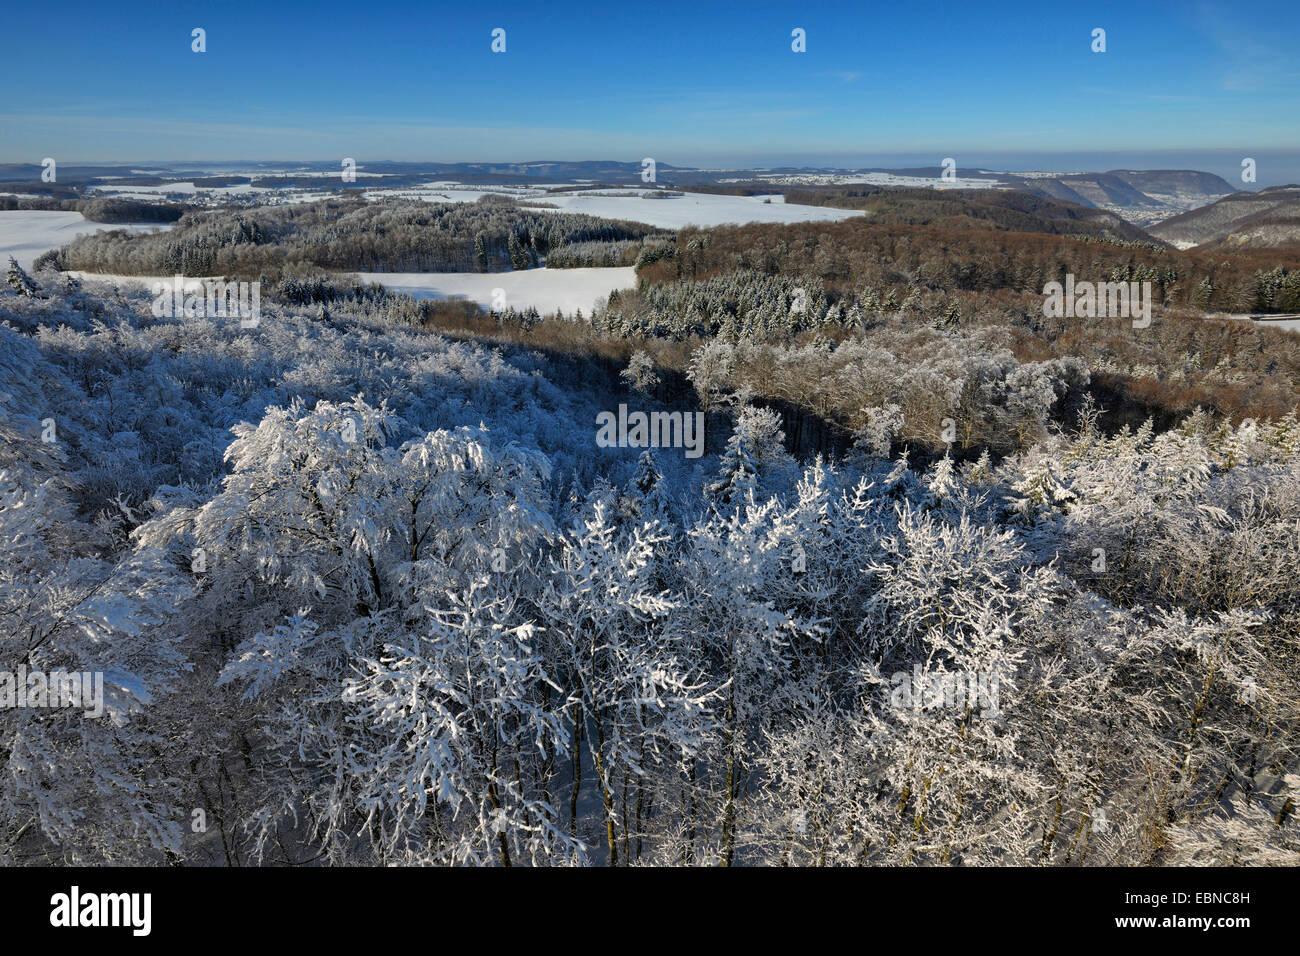 biosphere reserve Schwaebische Alb in winter, Germany, Baden-Wuerttemberg - Stock Image